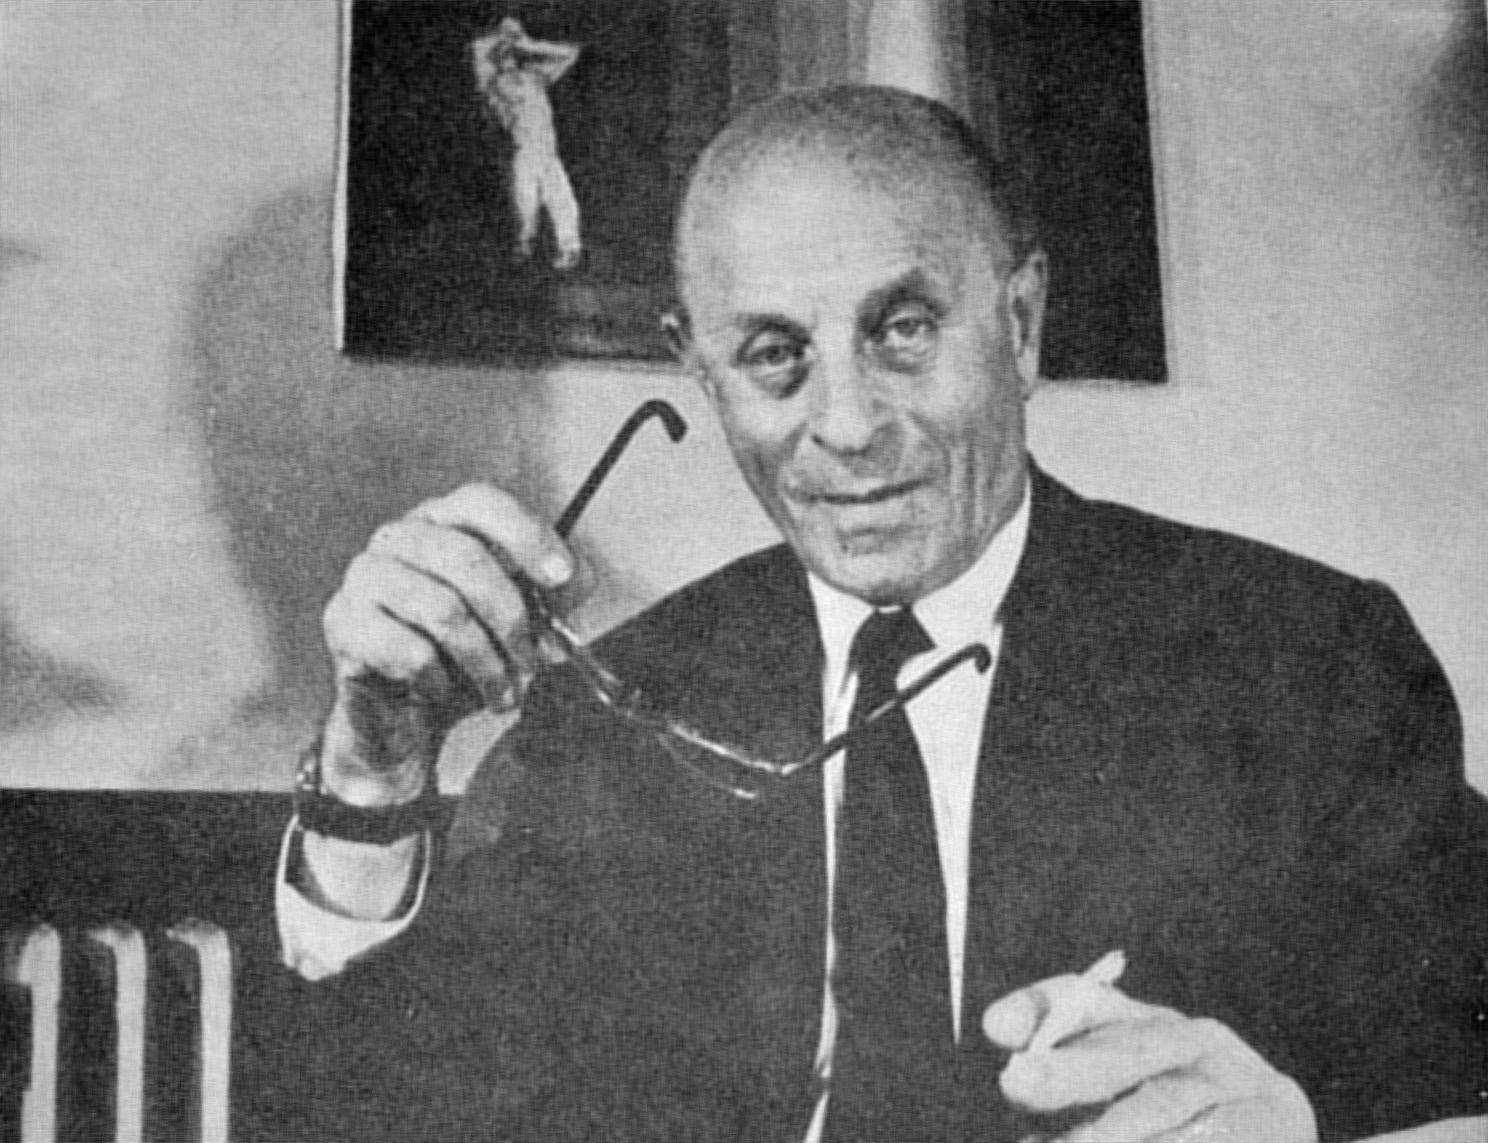 Ladislao José Biro, giornalista inventore della penna a sfera [GALLERY]